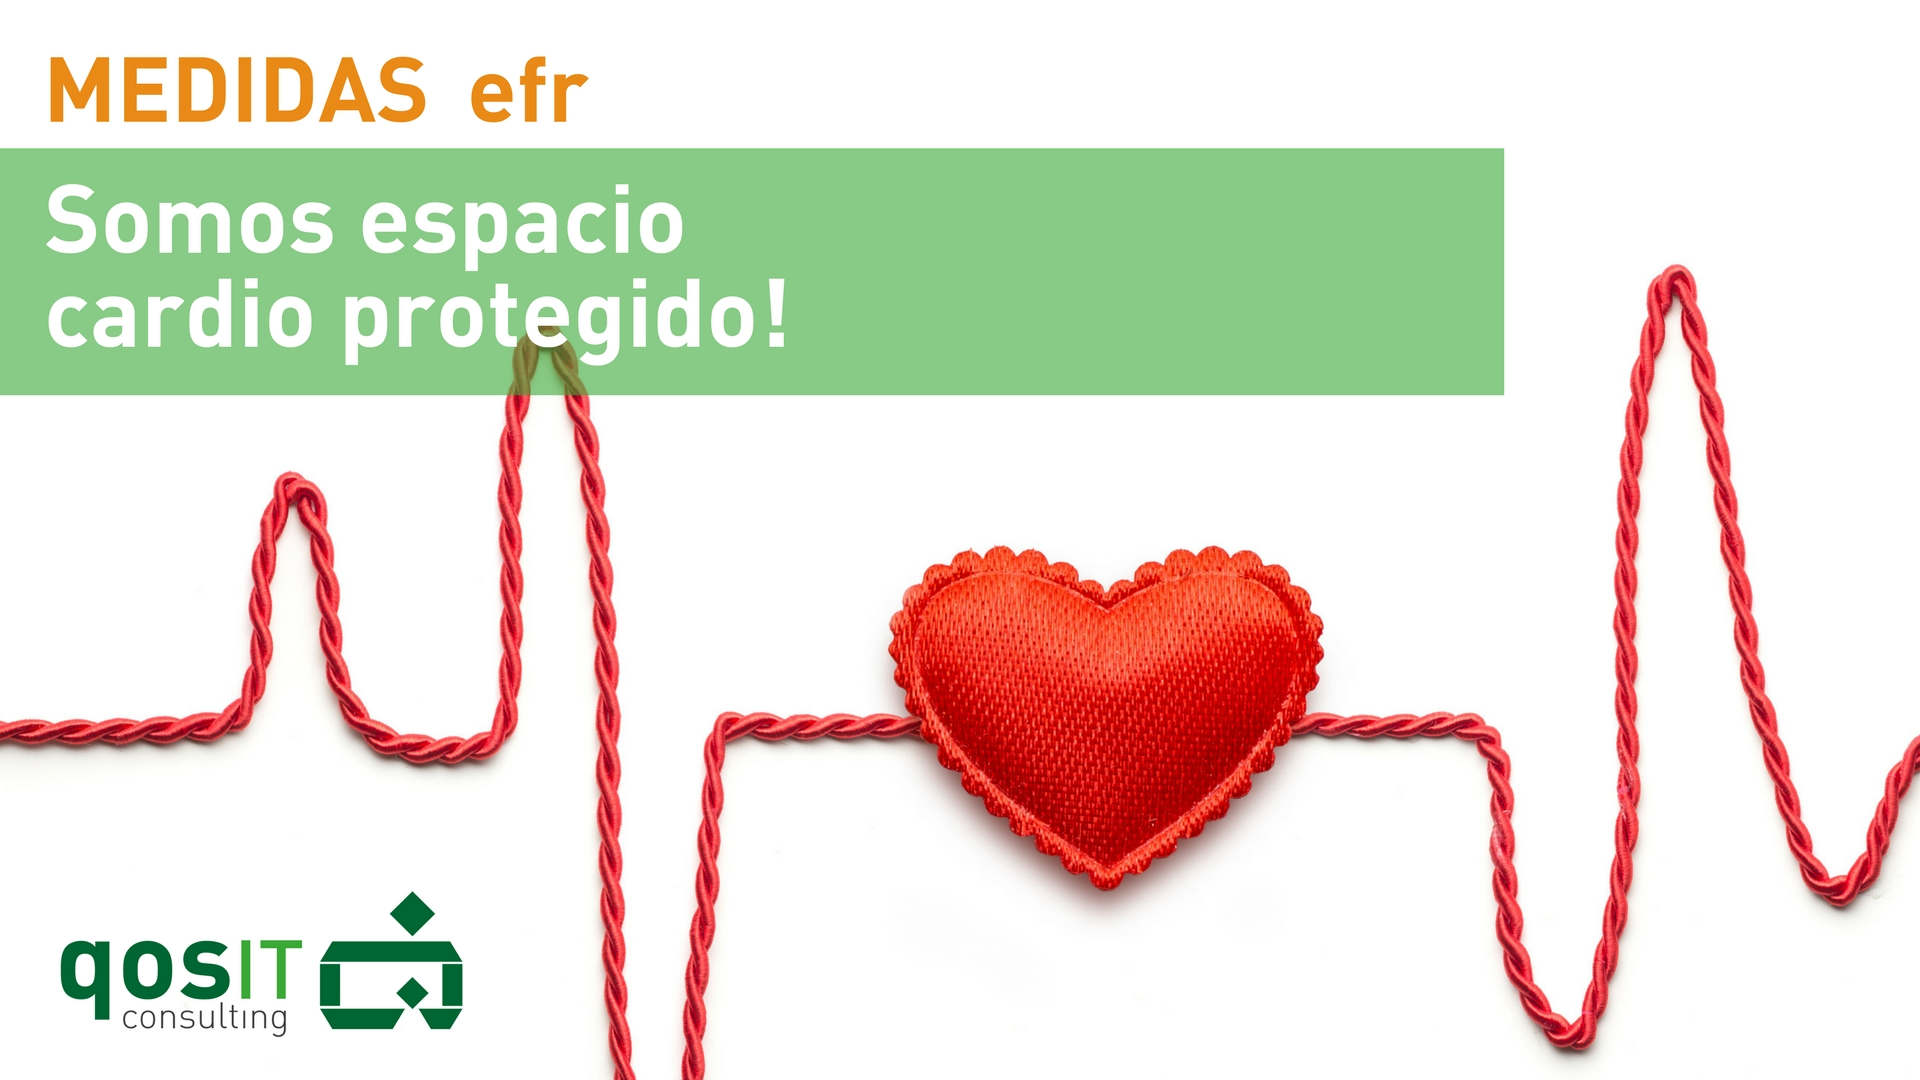 Espacio cardioprotegido - qosITconsulting efr